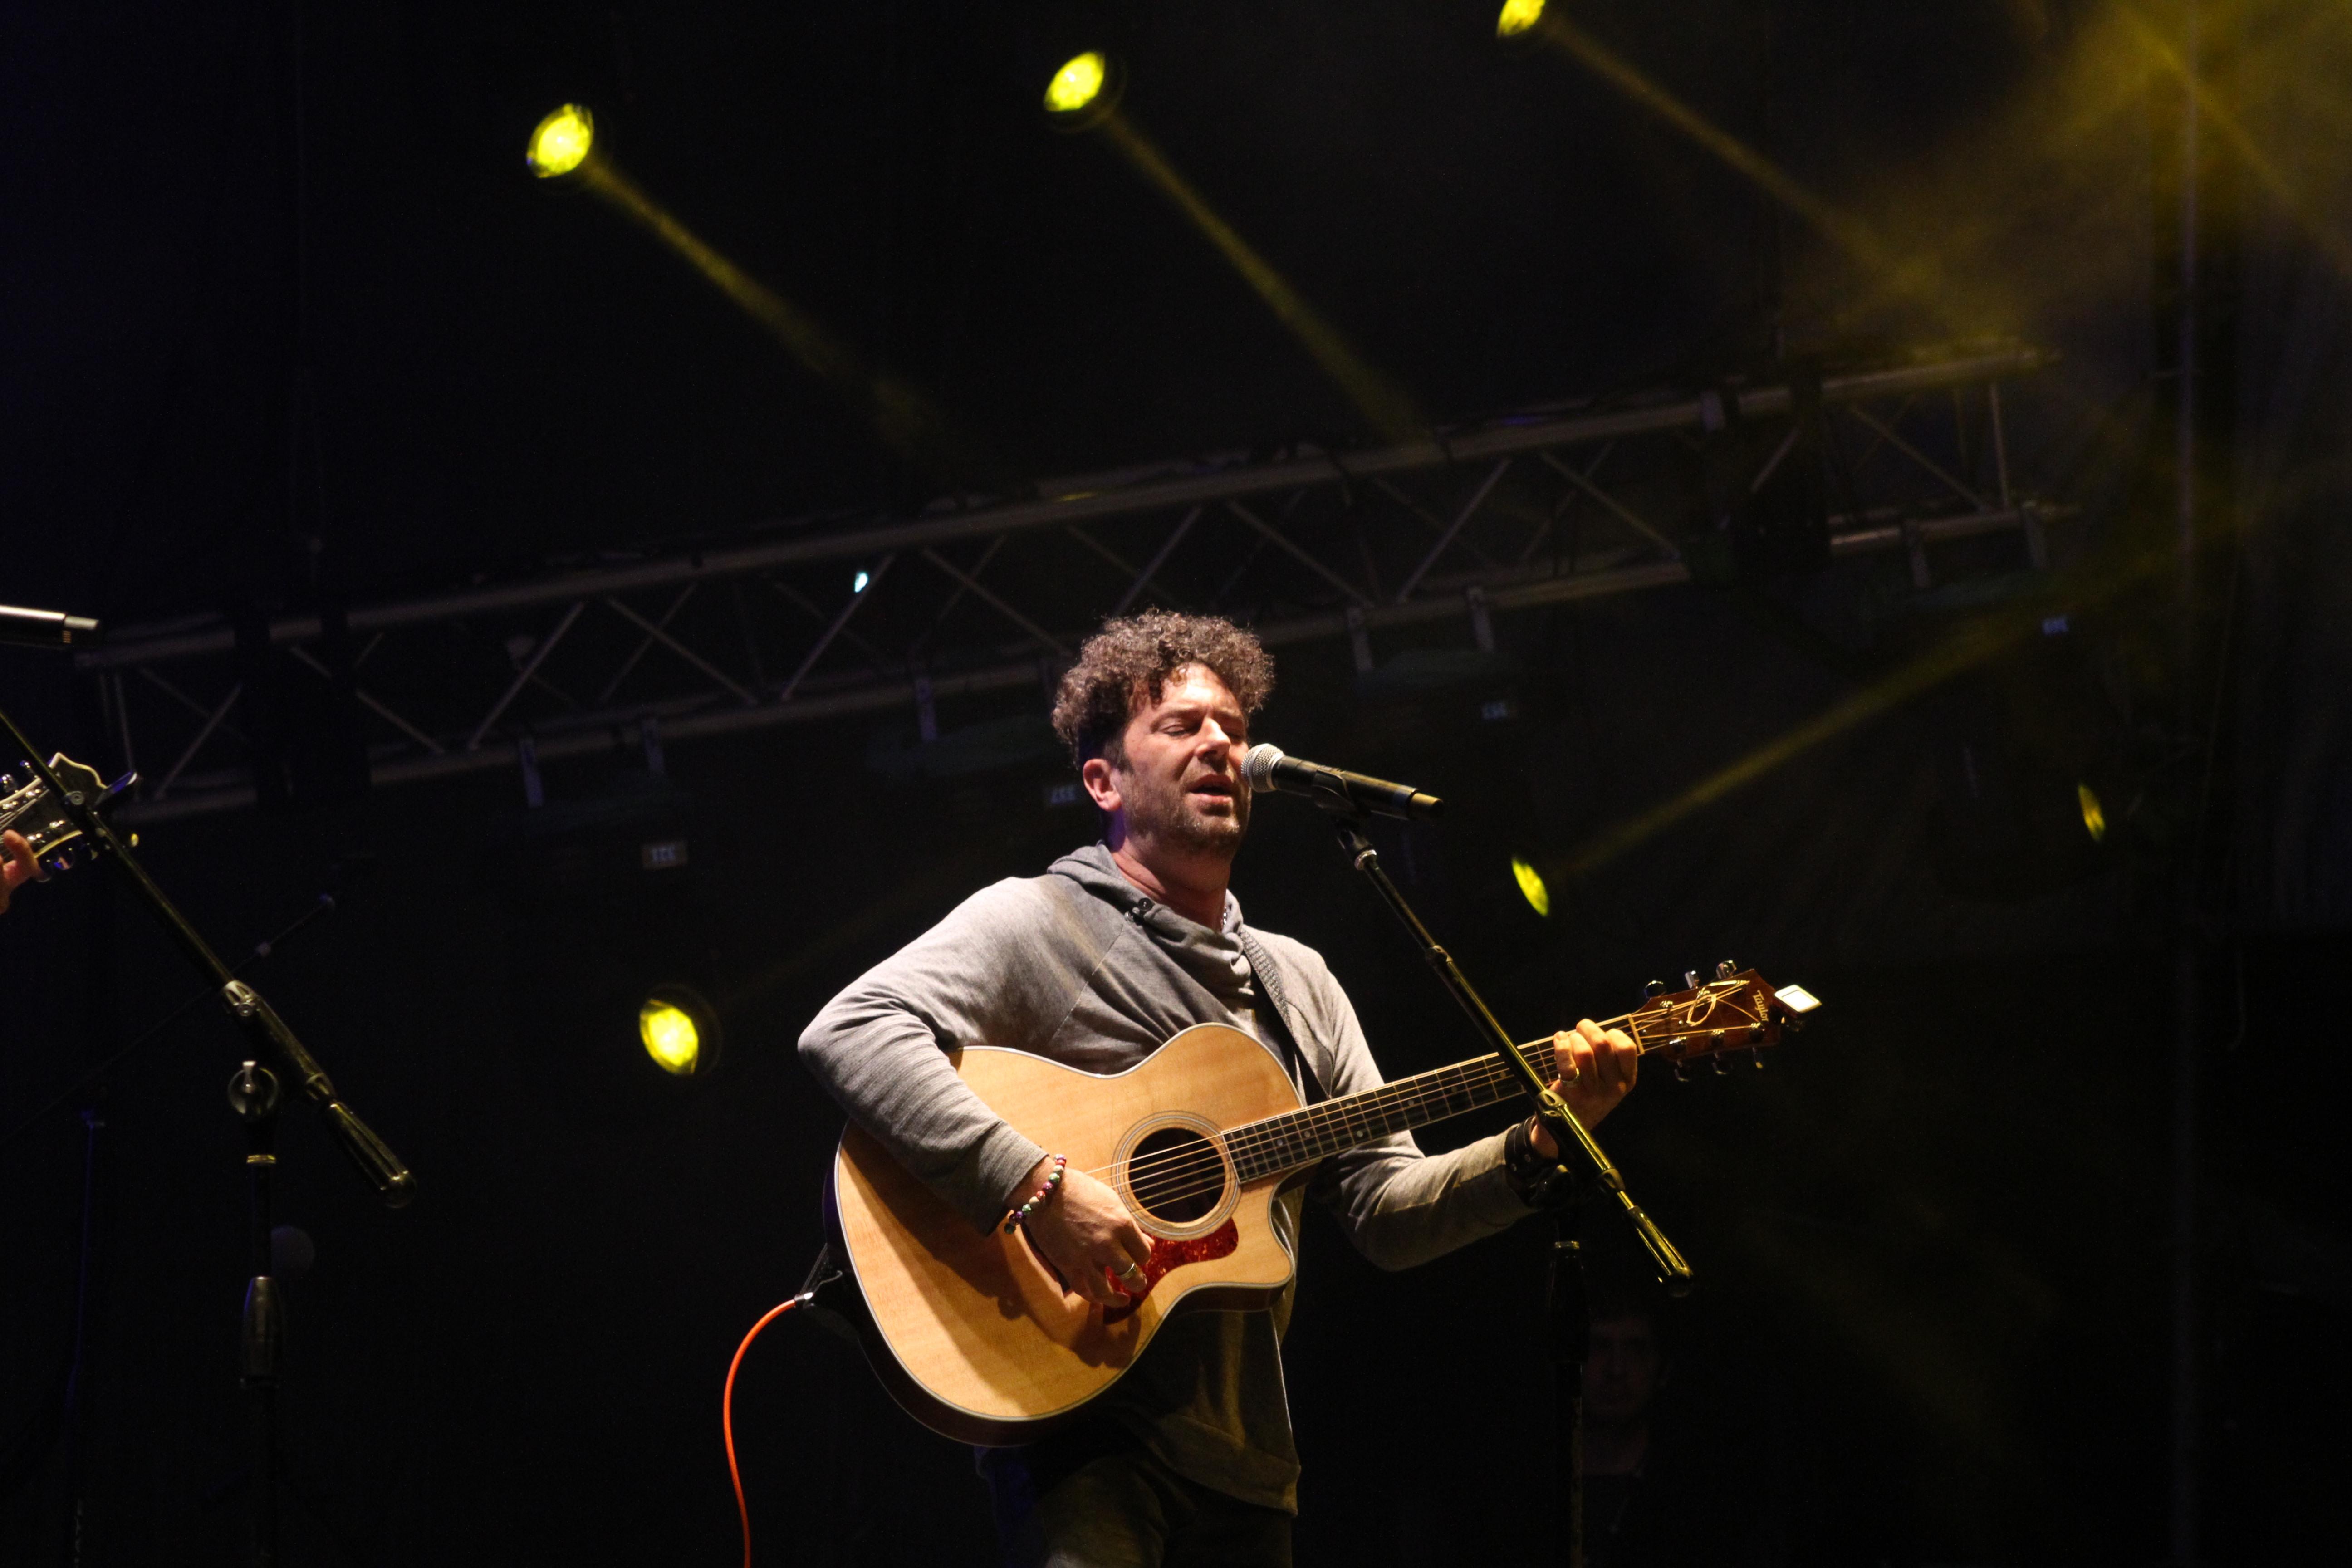 Palo Pandolfo en vivo (2014).